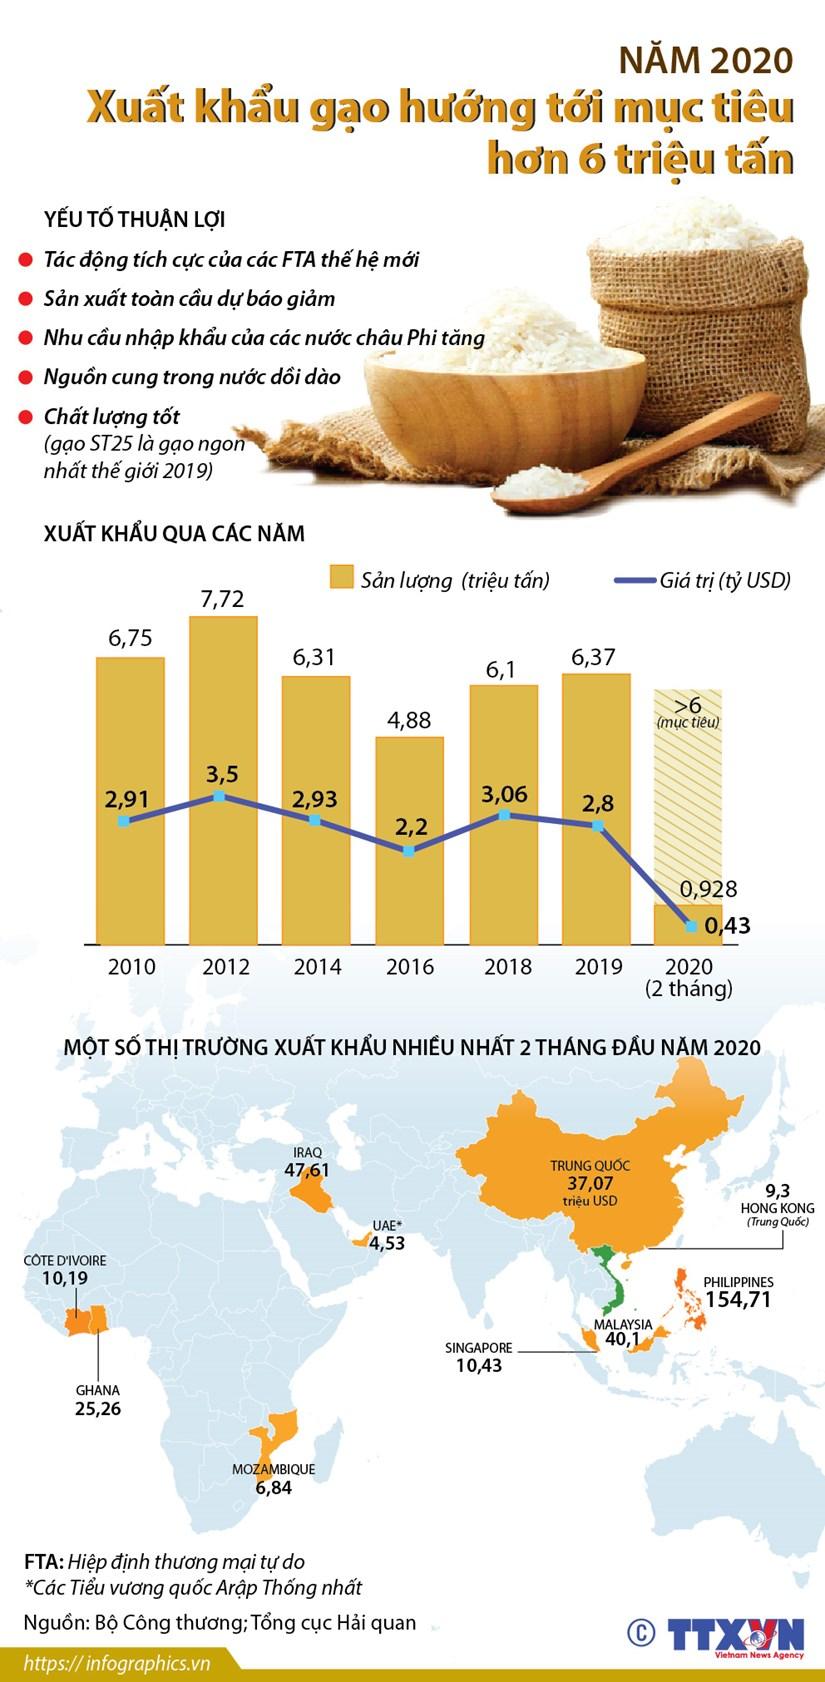 [Infographics] Muc tieu xuat khau gao nam 2020 dat hon 6 trieu tan hinh anh 1